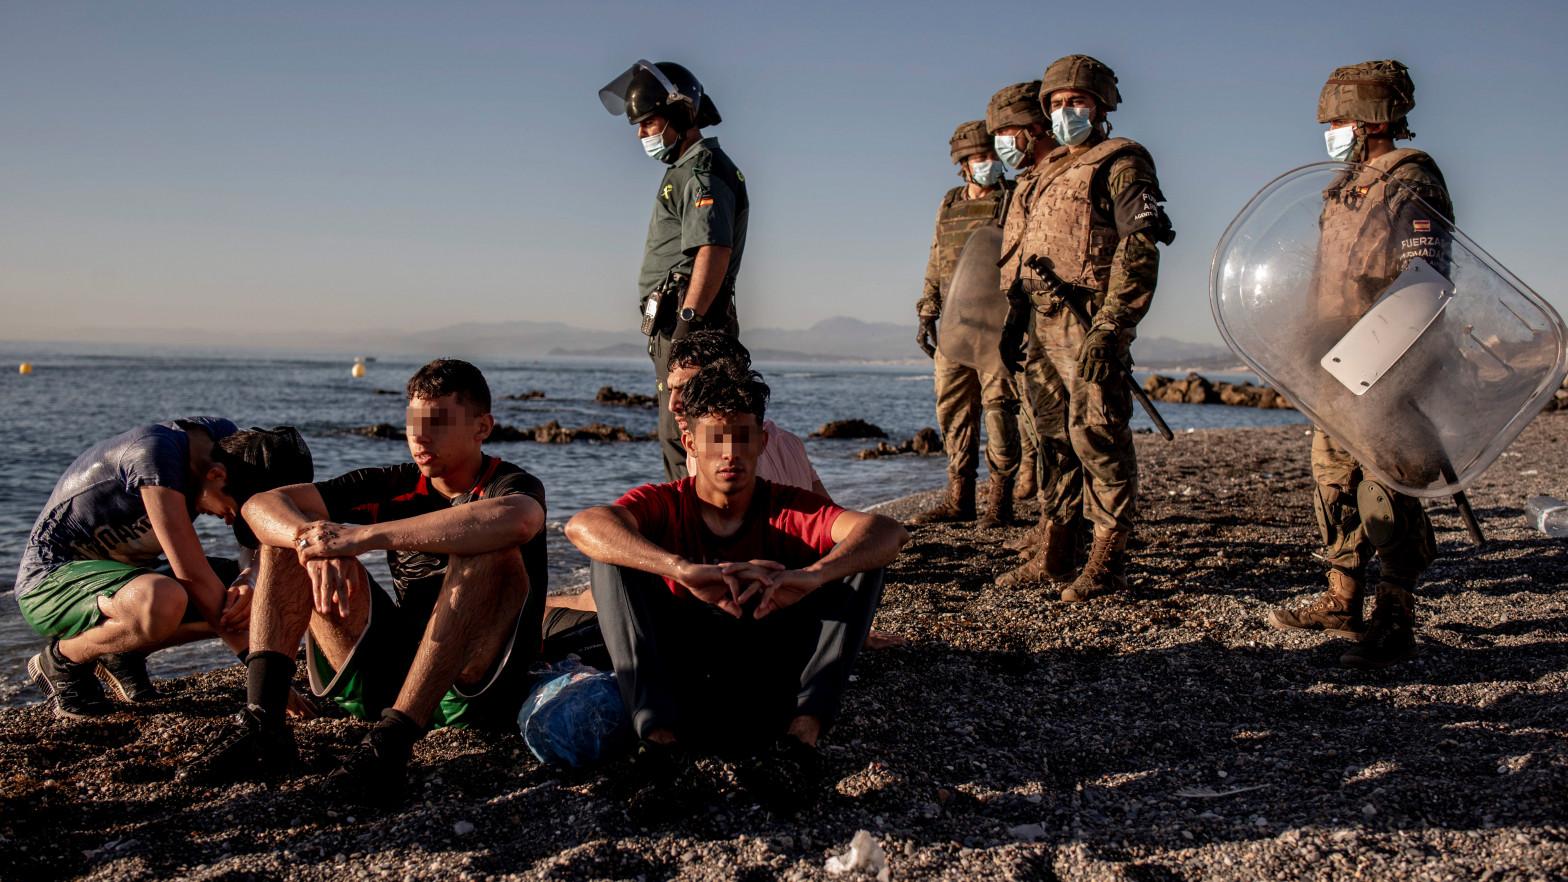 Marruecos engañó a niños para que cruzaran la frontera de Ceuta y ahora sus familias piden ayuda para que regresen